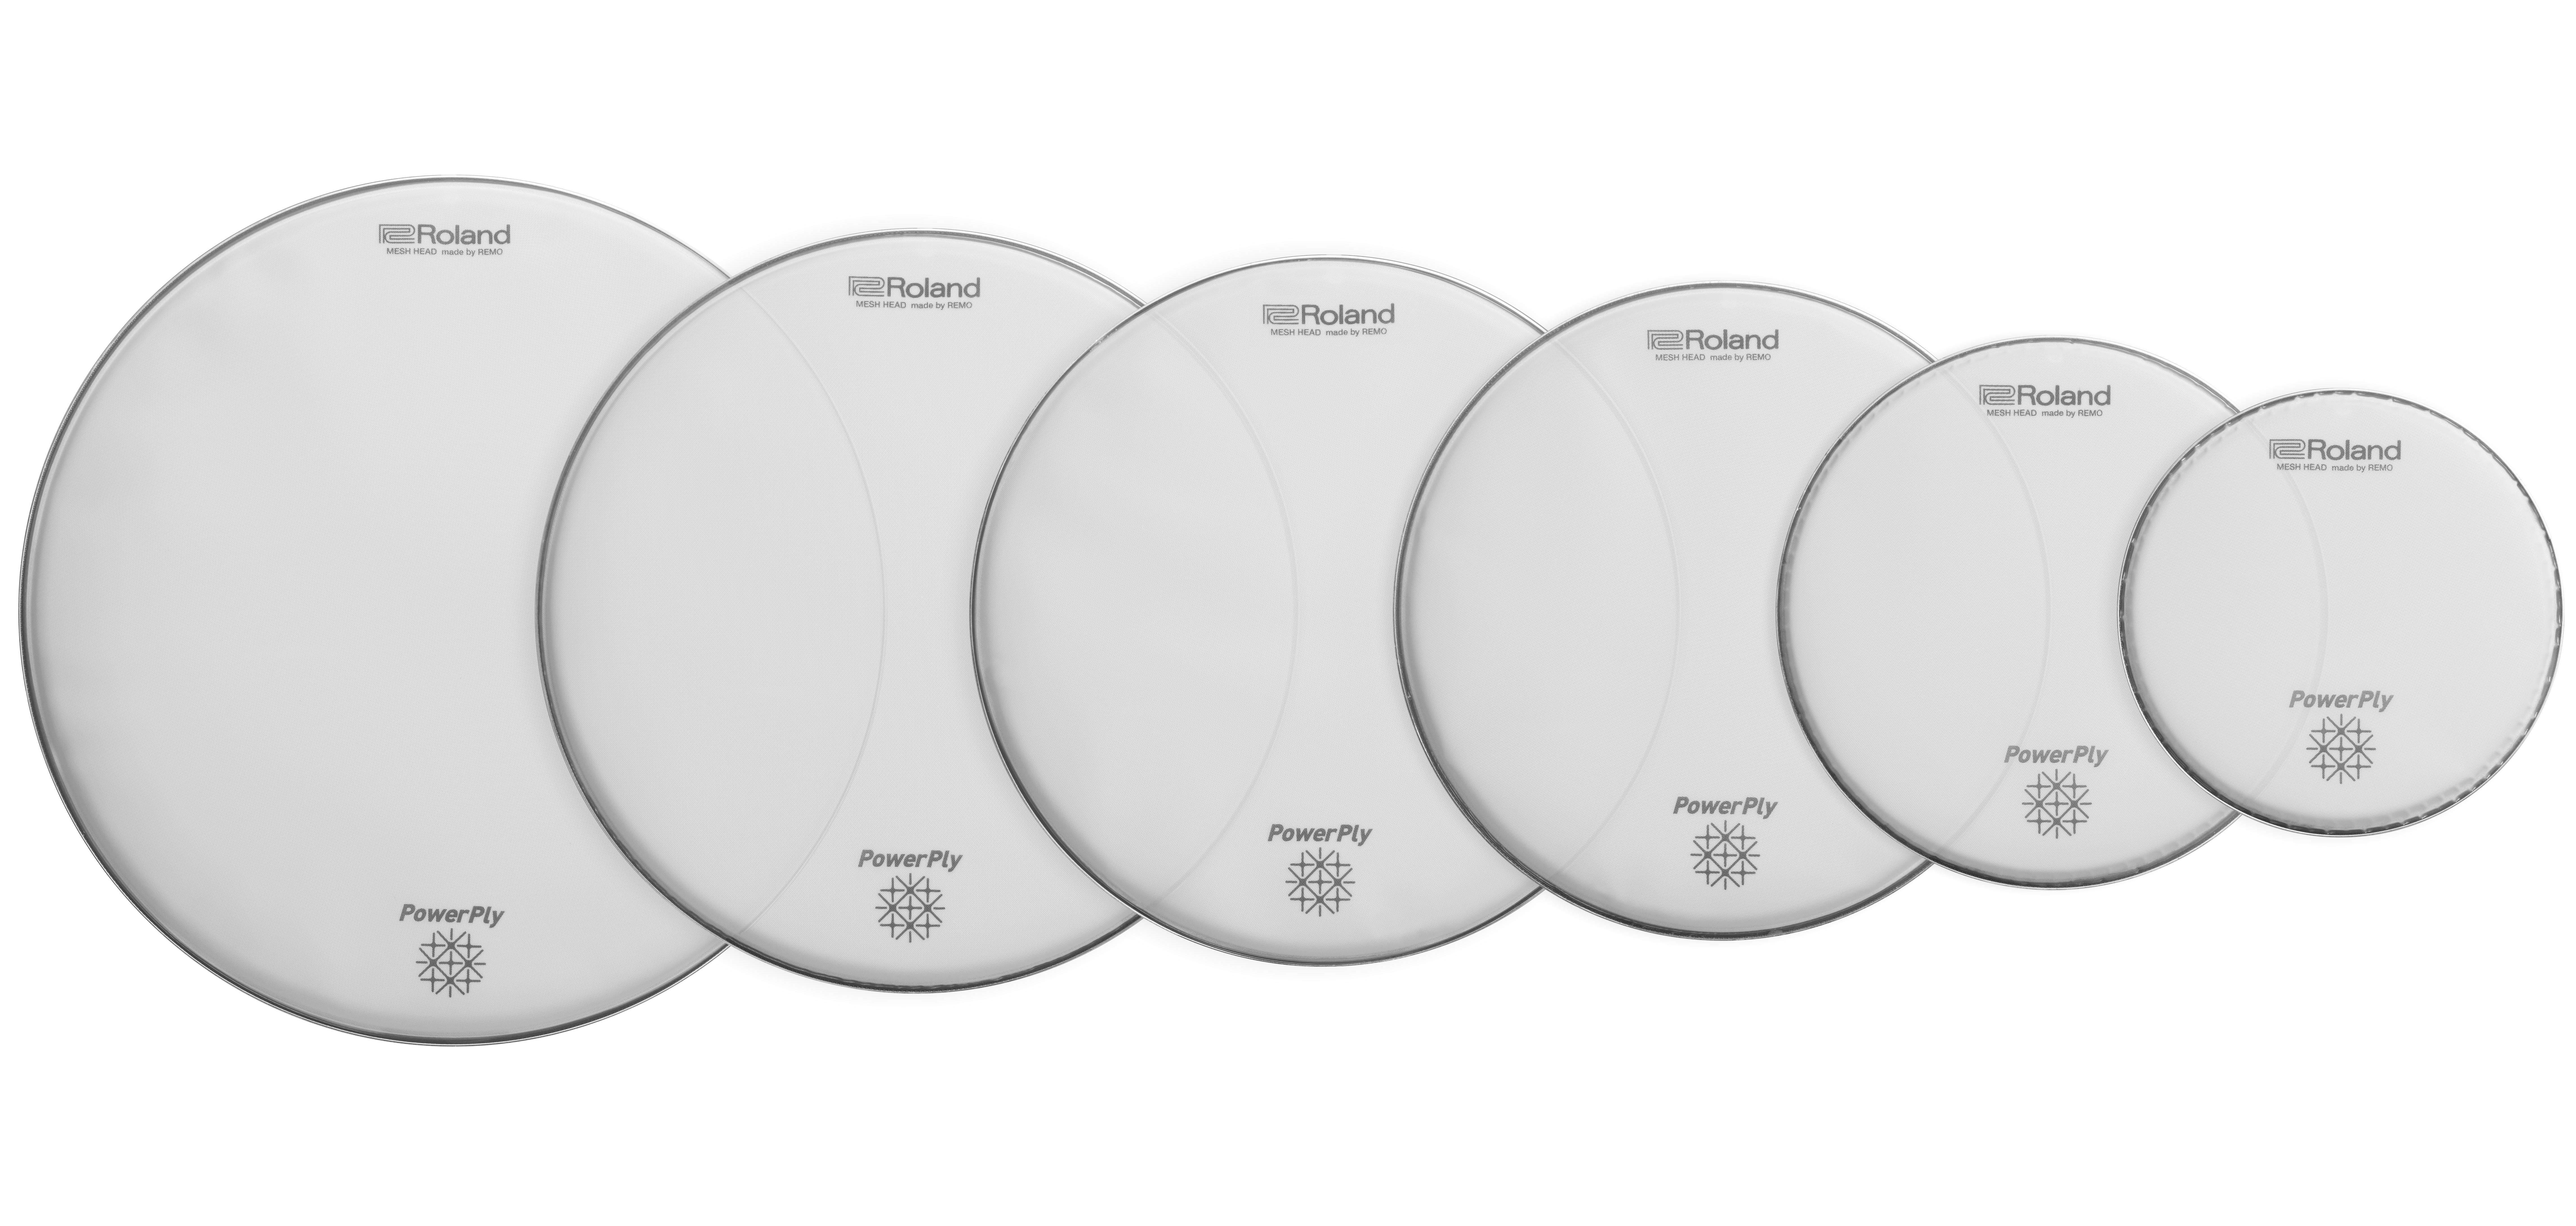 Batteries & Percussions - PEAUX - BATTERIE - ROLAND - MH2-10 - Royez Musik